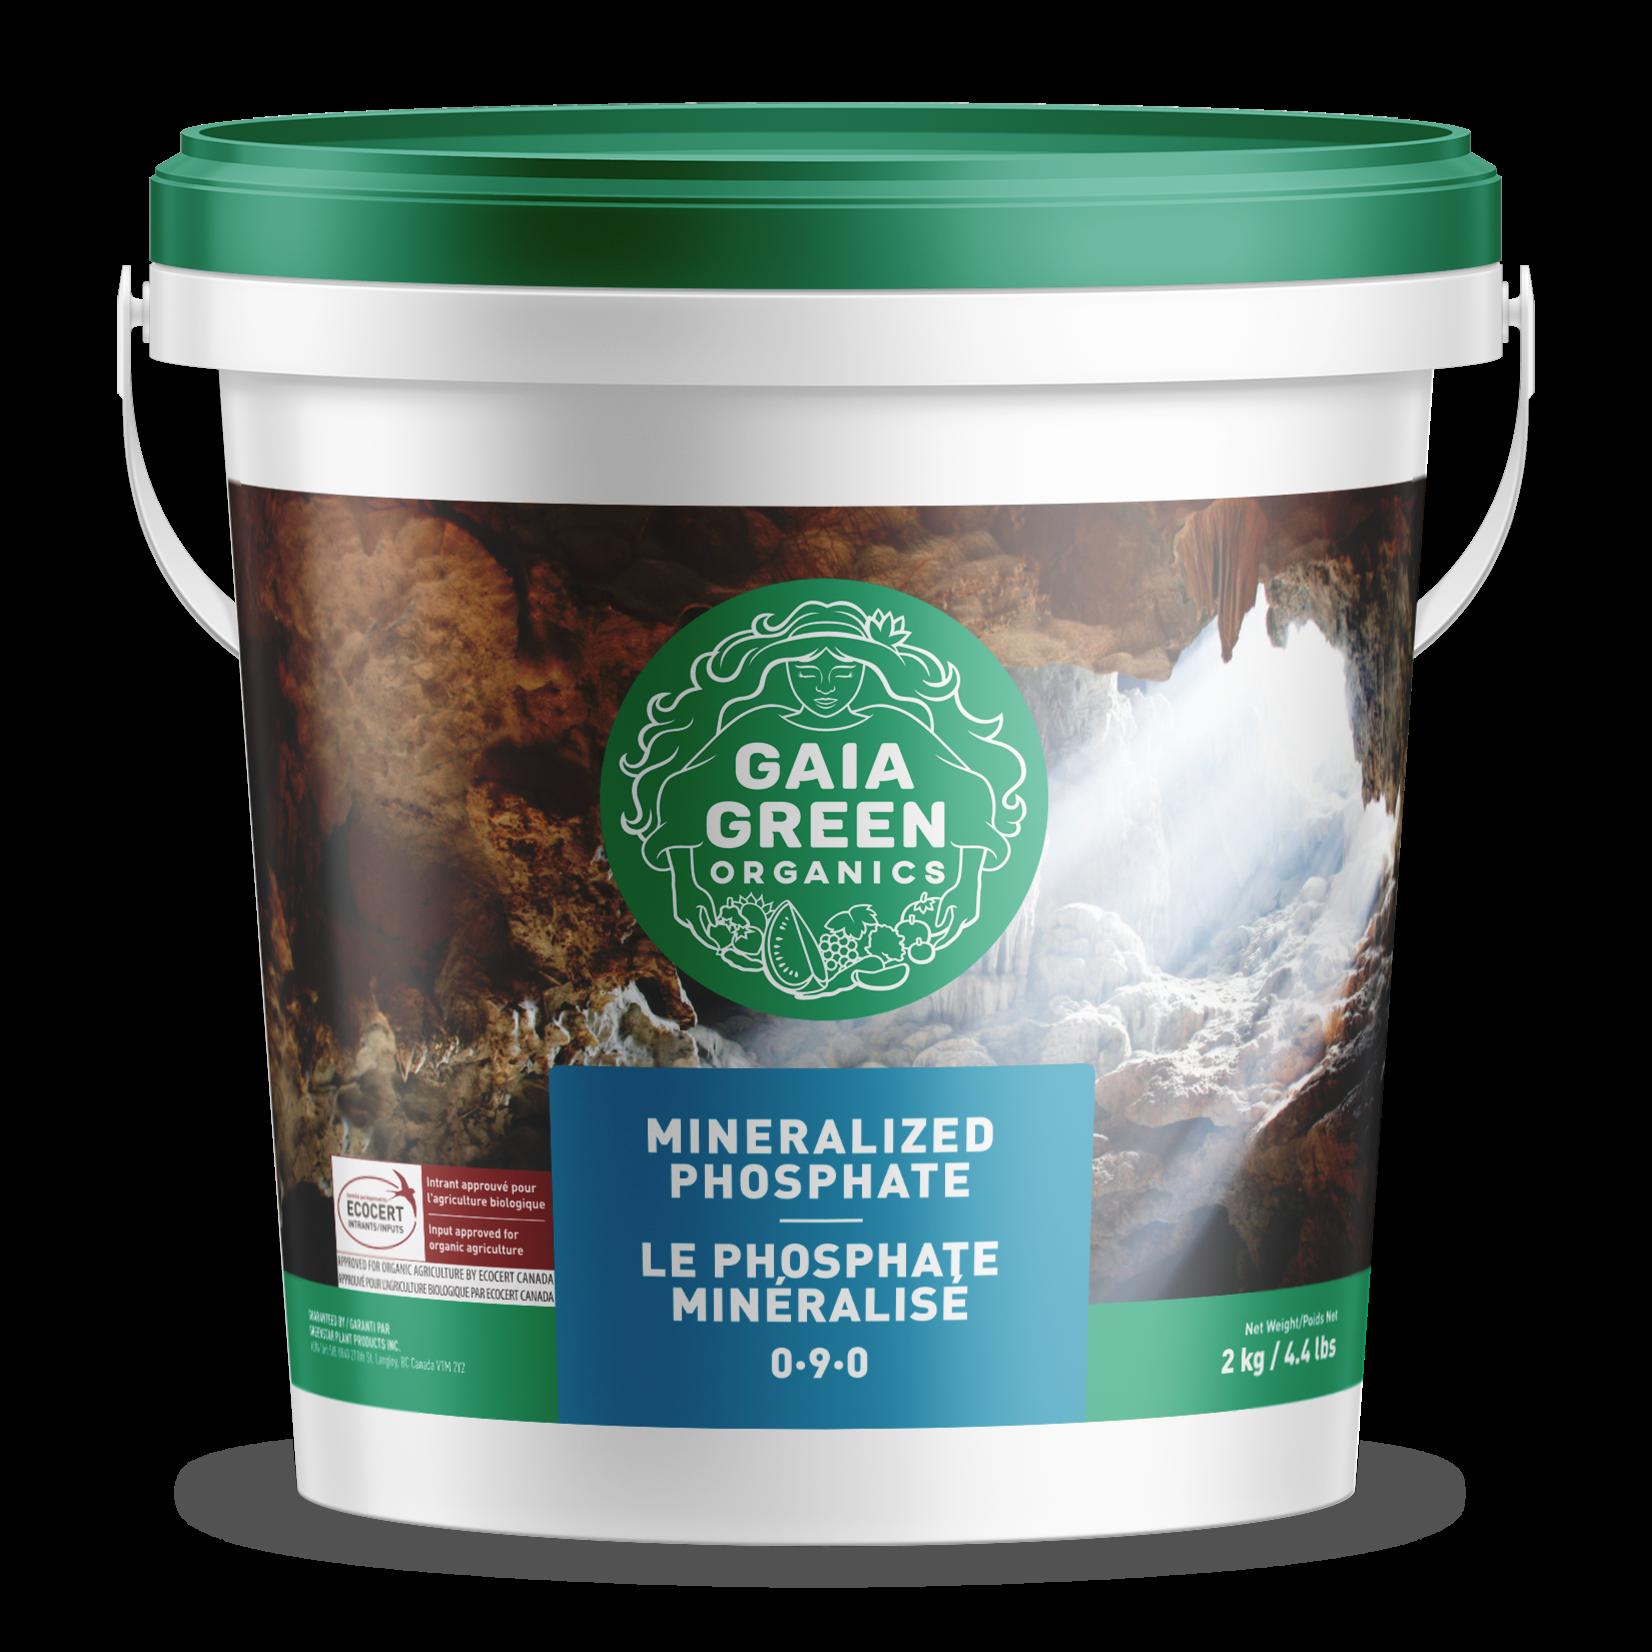 gaia green Gaia Green MINERALIZED PHOSPHATE 2KG